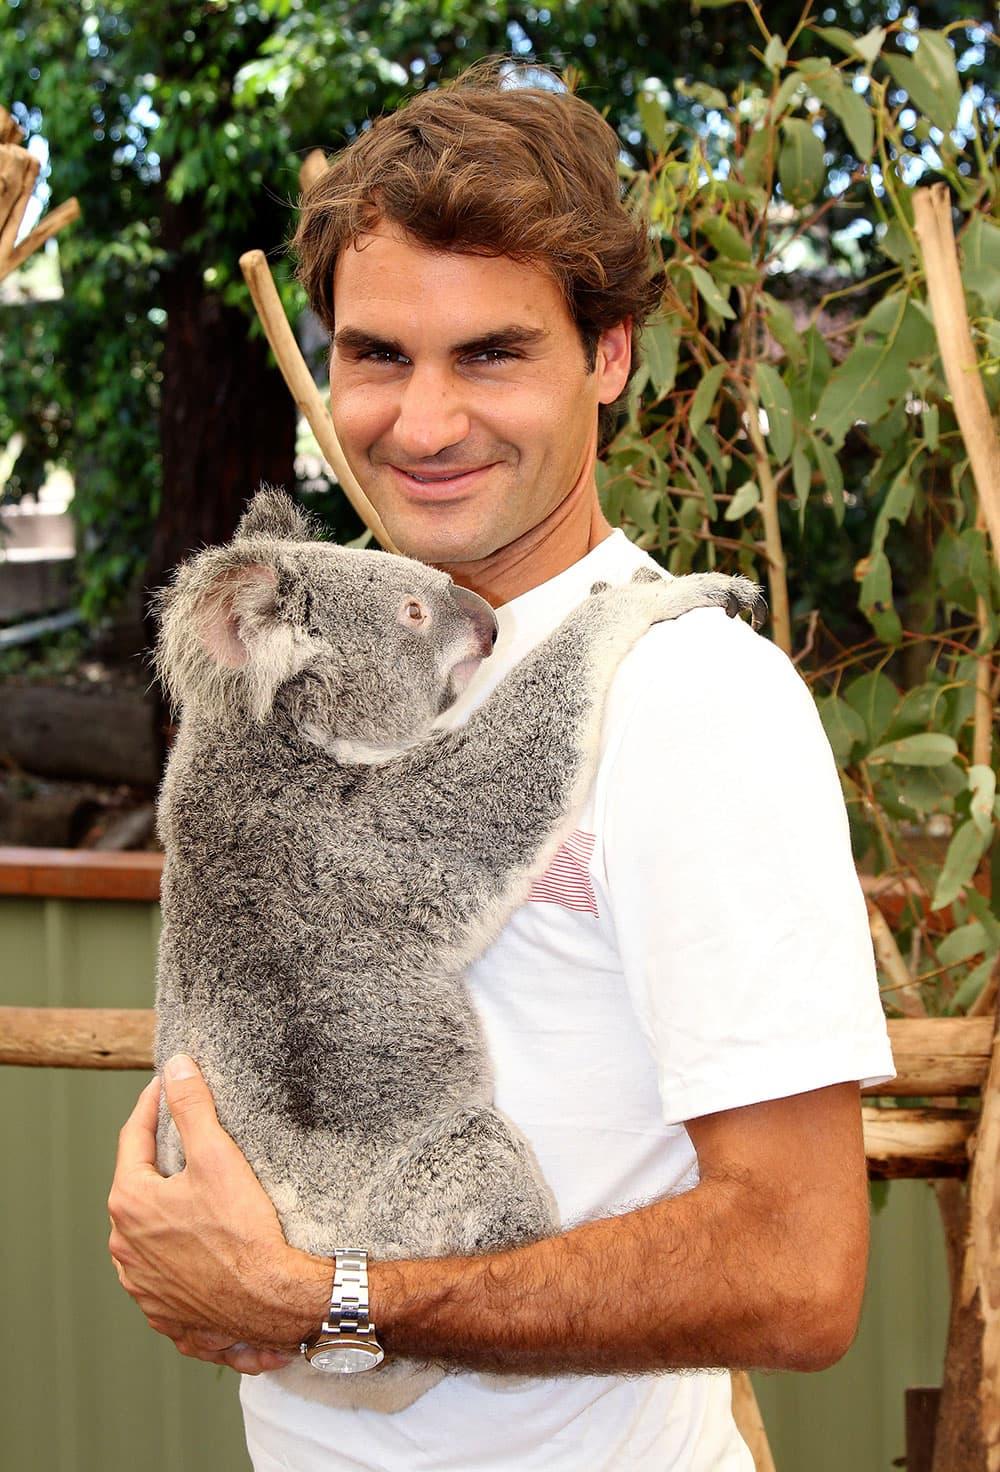 Roger Federer of Switzerland poses with a koala bear named Tinkerbell before the start of the Brisbane International tennis tournament in Brisbane, Australia.